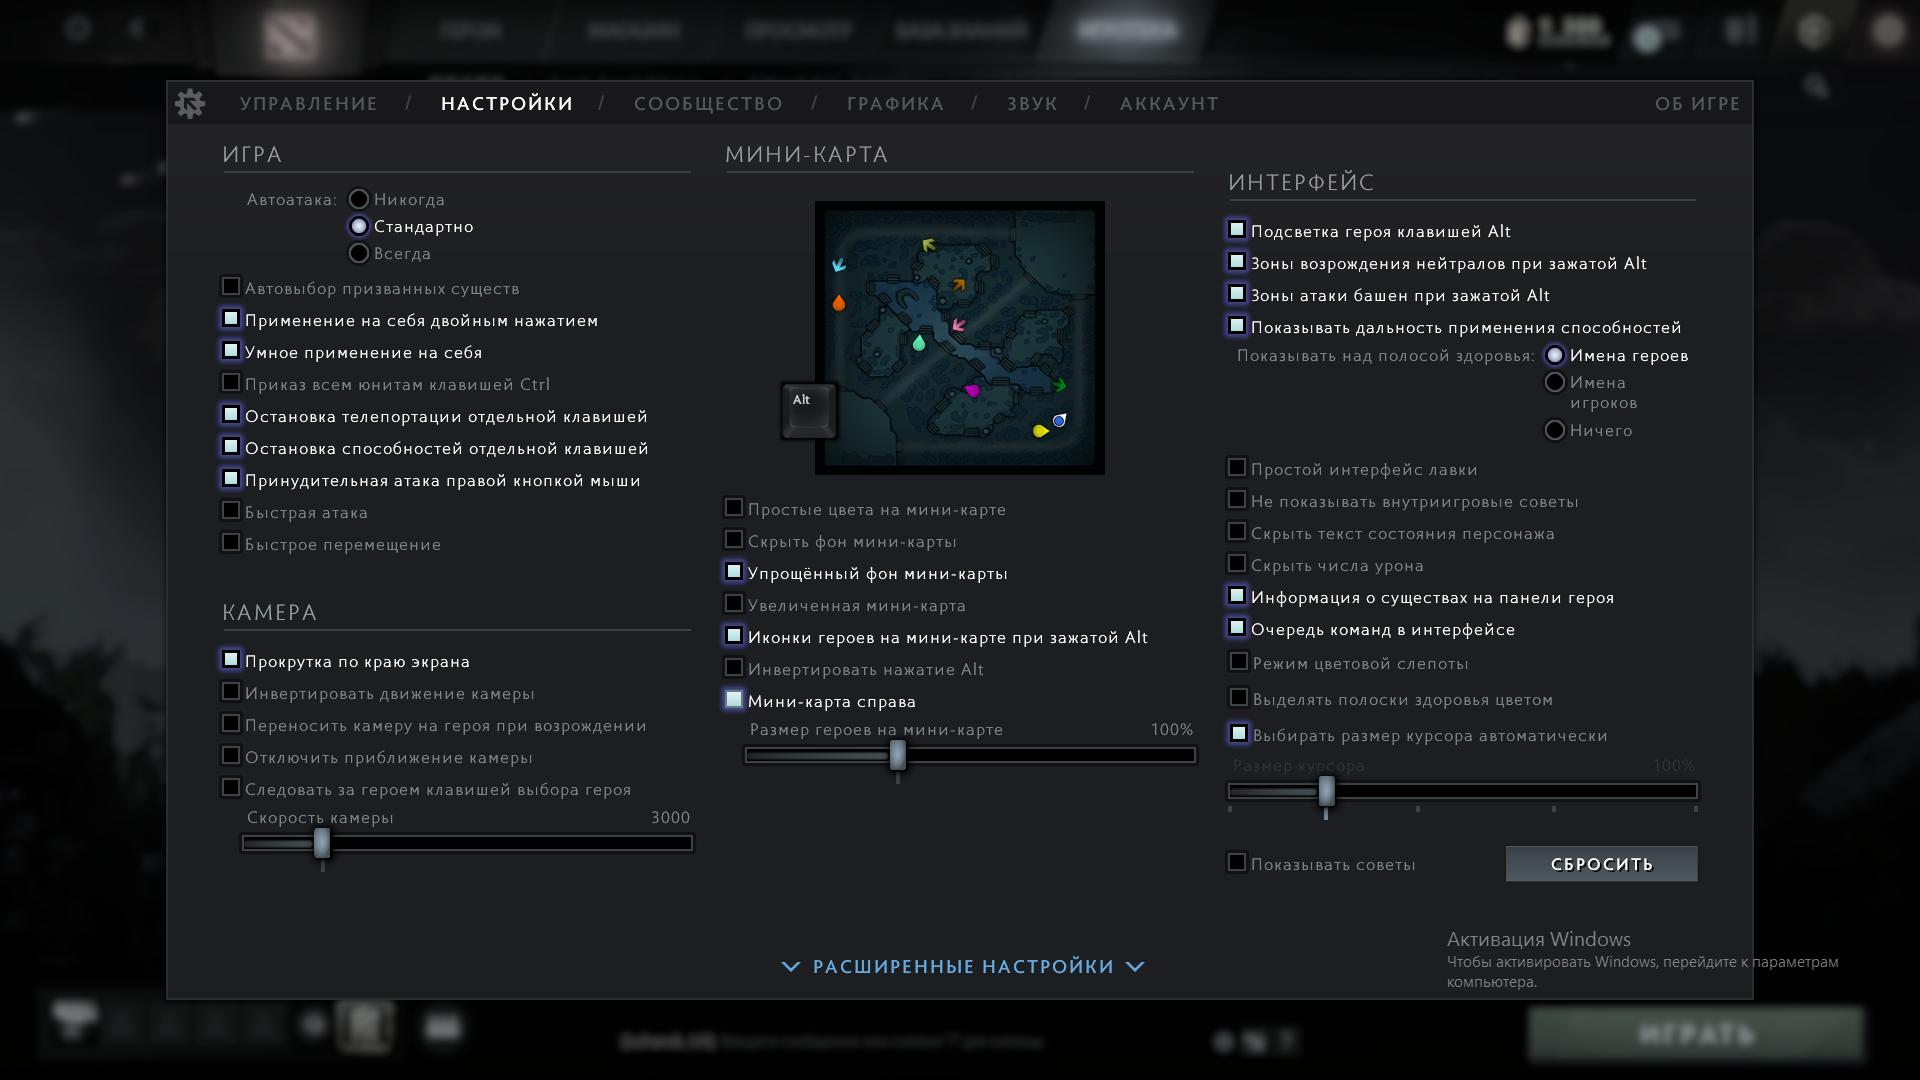 мини-карту справа в Dota 2